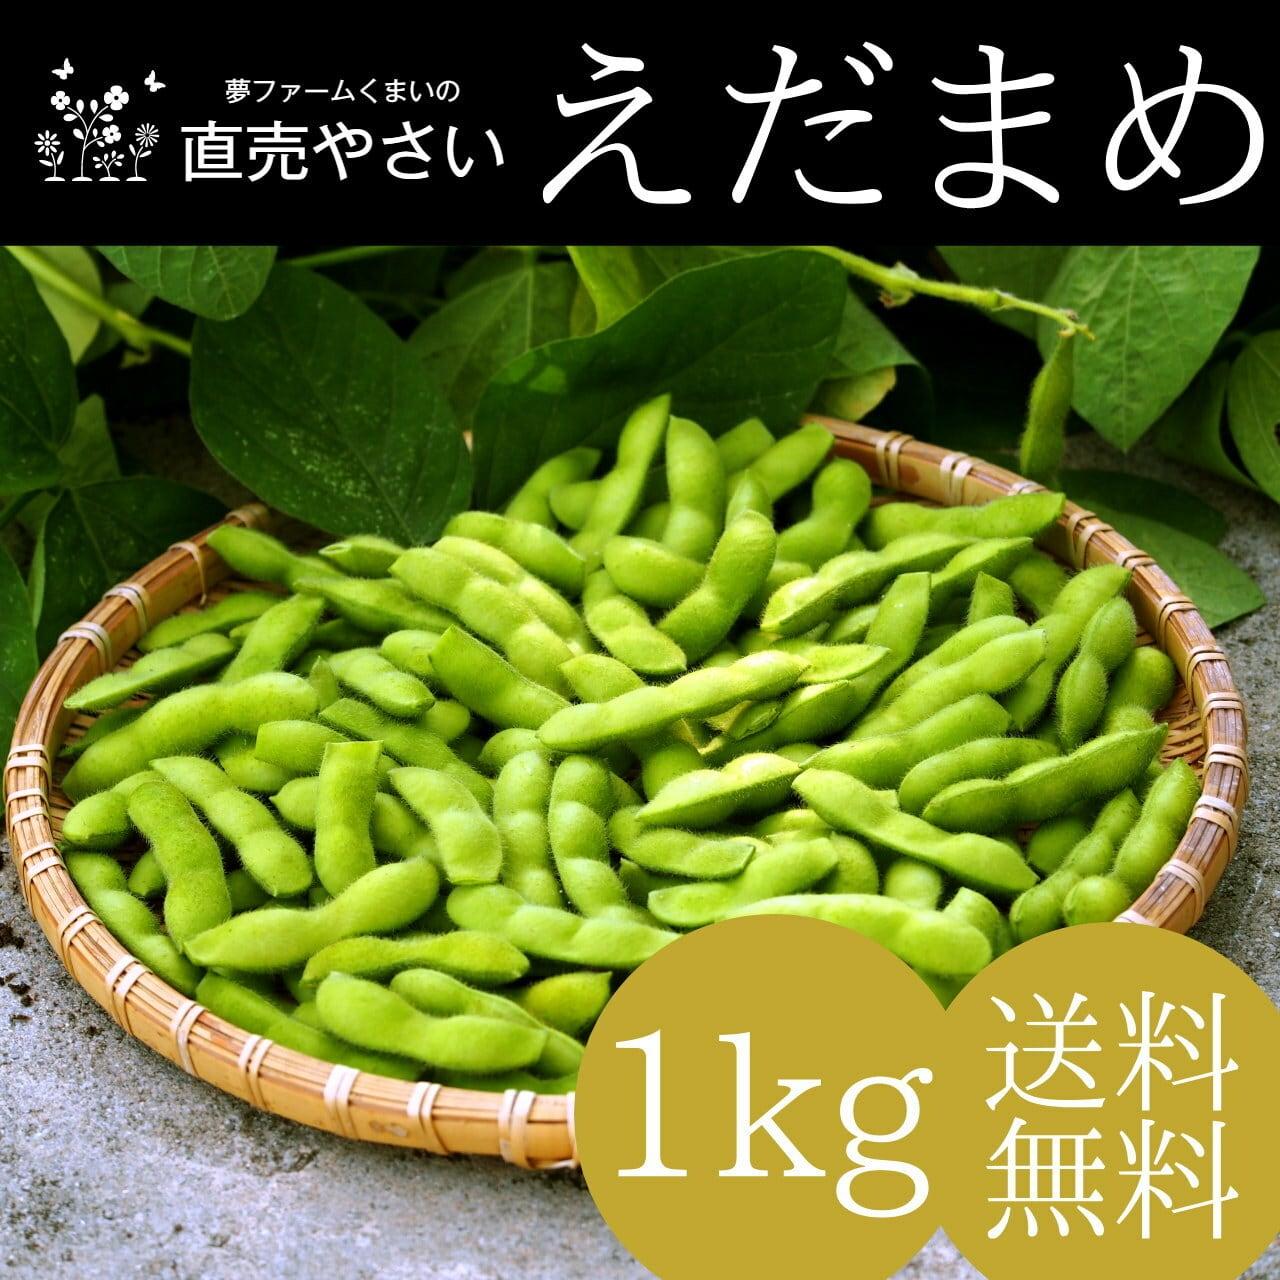 新潟 枝豆 旬の夏 1kg 送料無料 朝採り 収穫当日直送